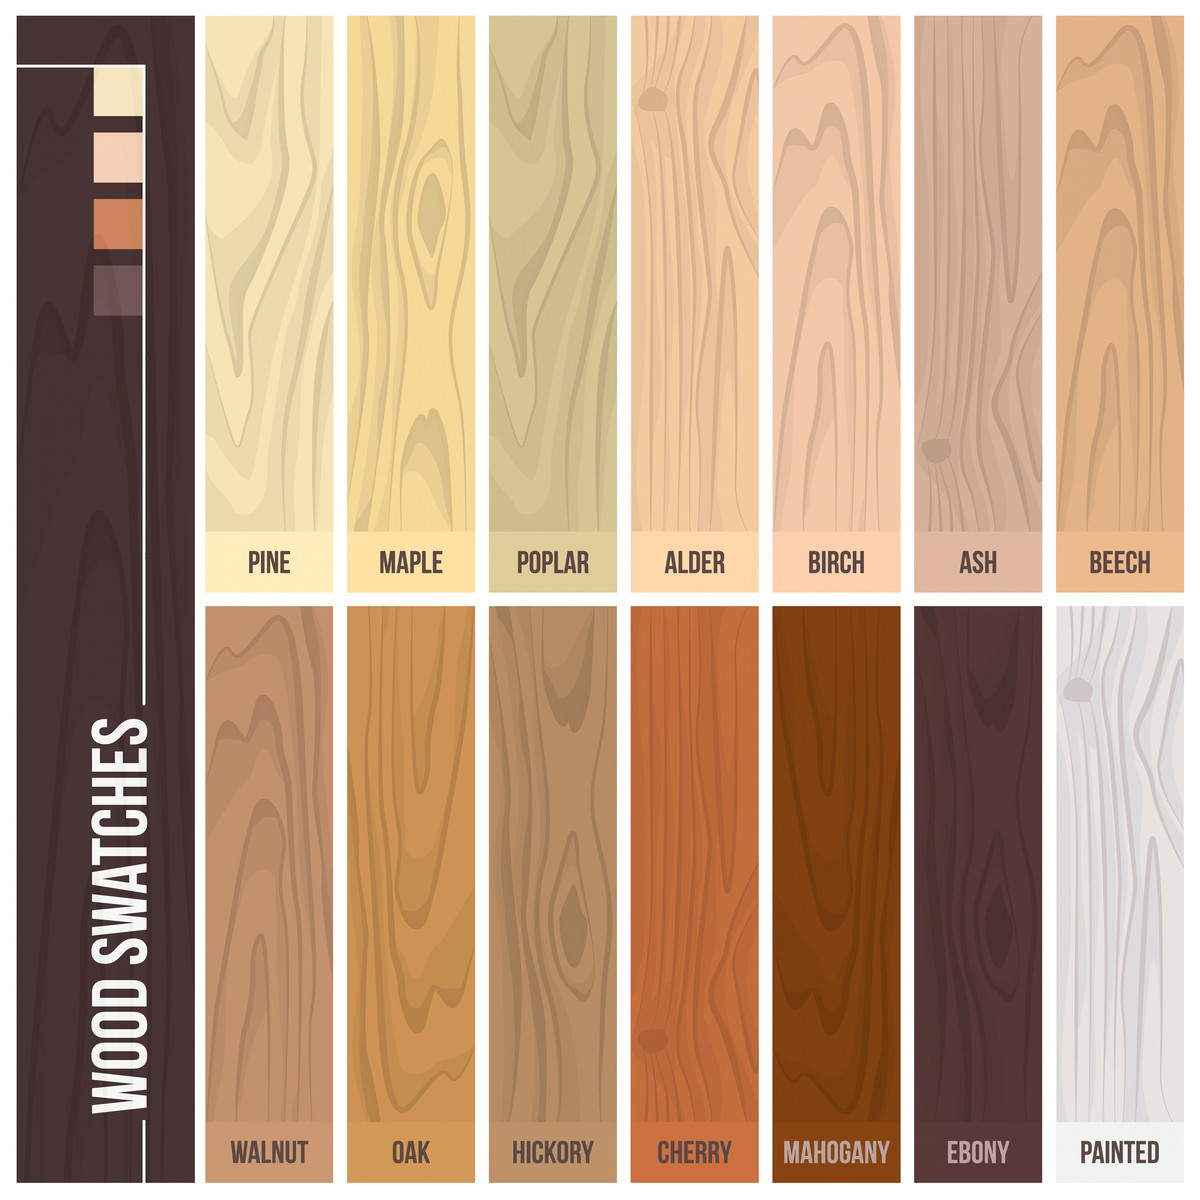 glue down hardwood floor problems of 12 types of hardwood flooring species styles edging dimensions throughout types of hardwood flooring illustrated guide